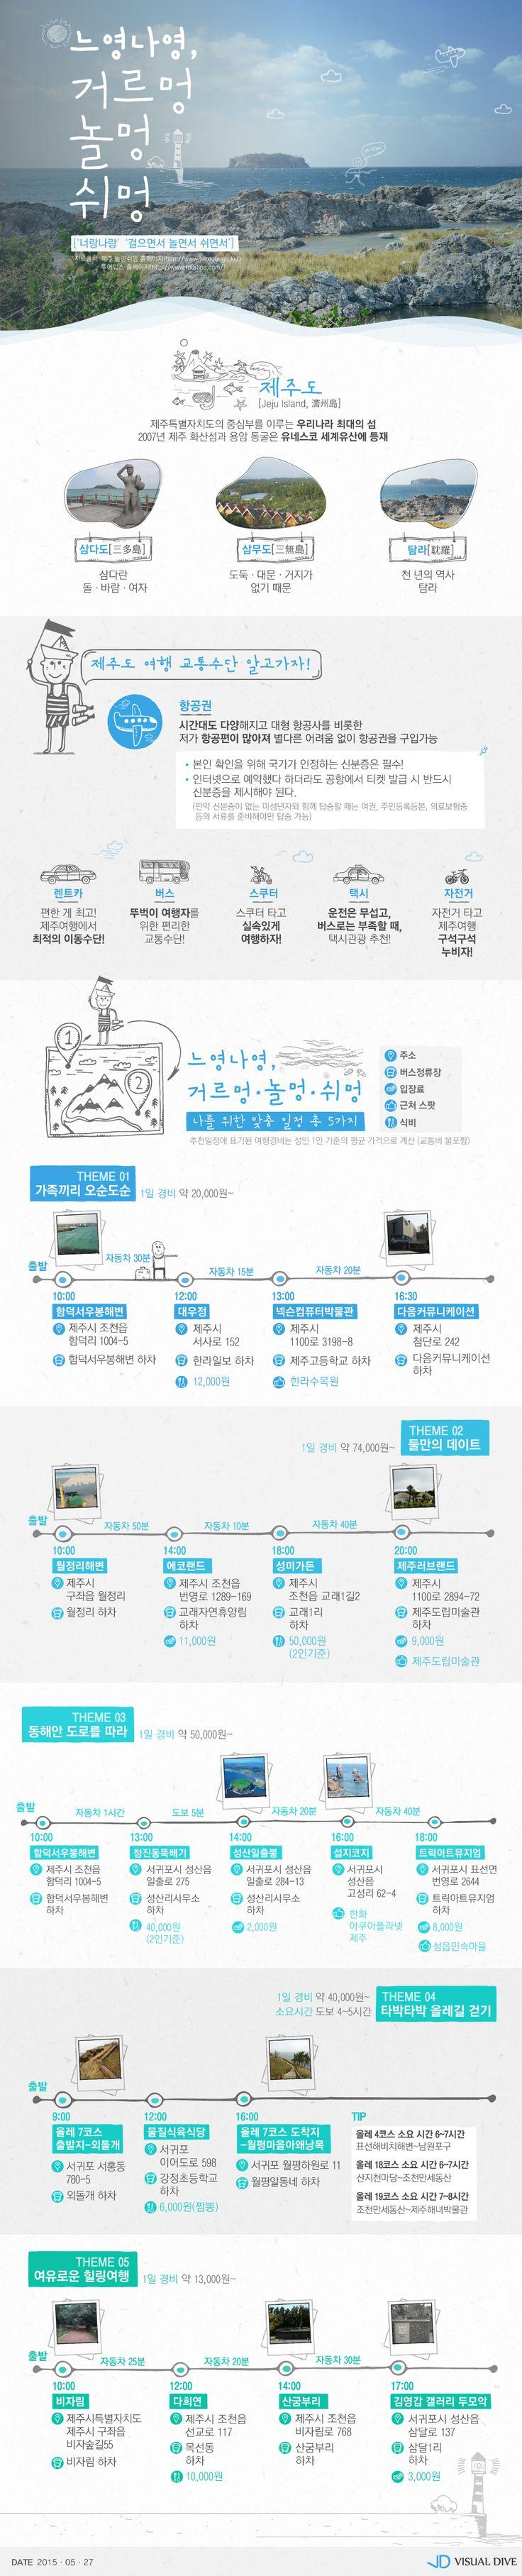 거르멍 놀멍 쉬멍, 나만의 안성맞춤 '제주 여행' [인포그래픽] #Jeju / #Infographic ⓒ 비주얼다이브 무단 복사·전재·재배포…